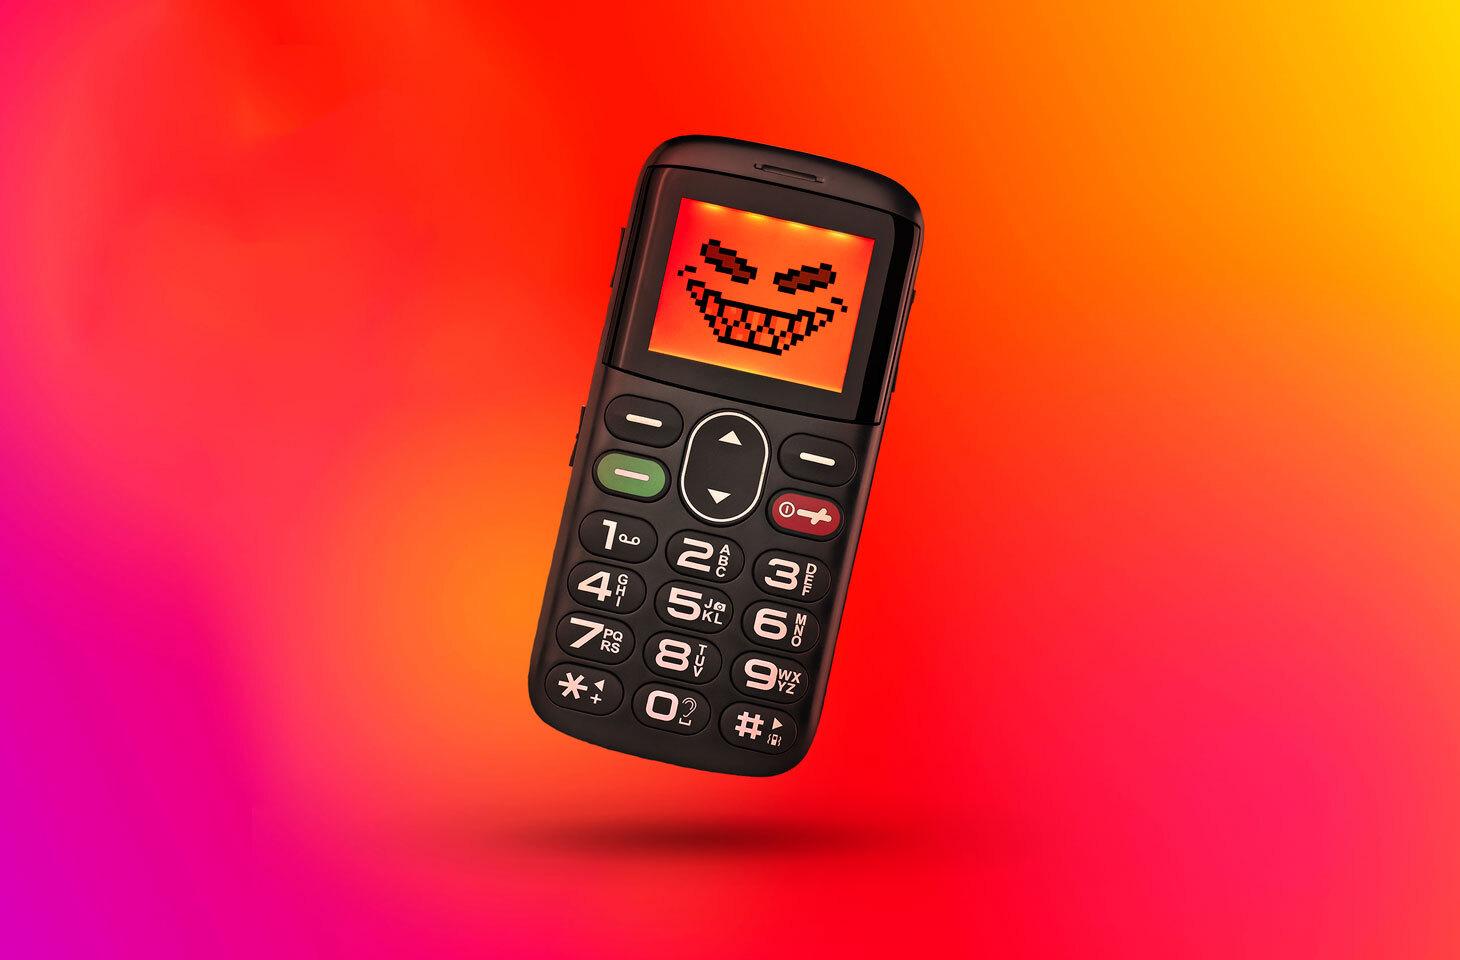 Los teléfonos básicos también pueden ser peligrosos. | Blog oficial de Kaspersky